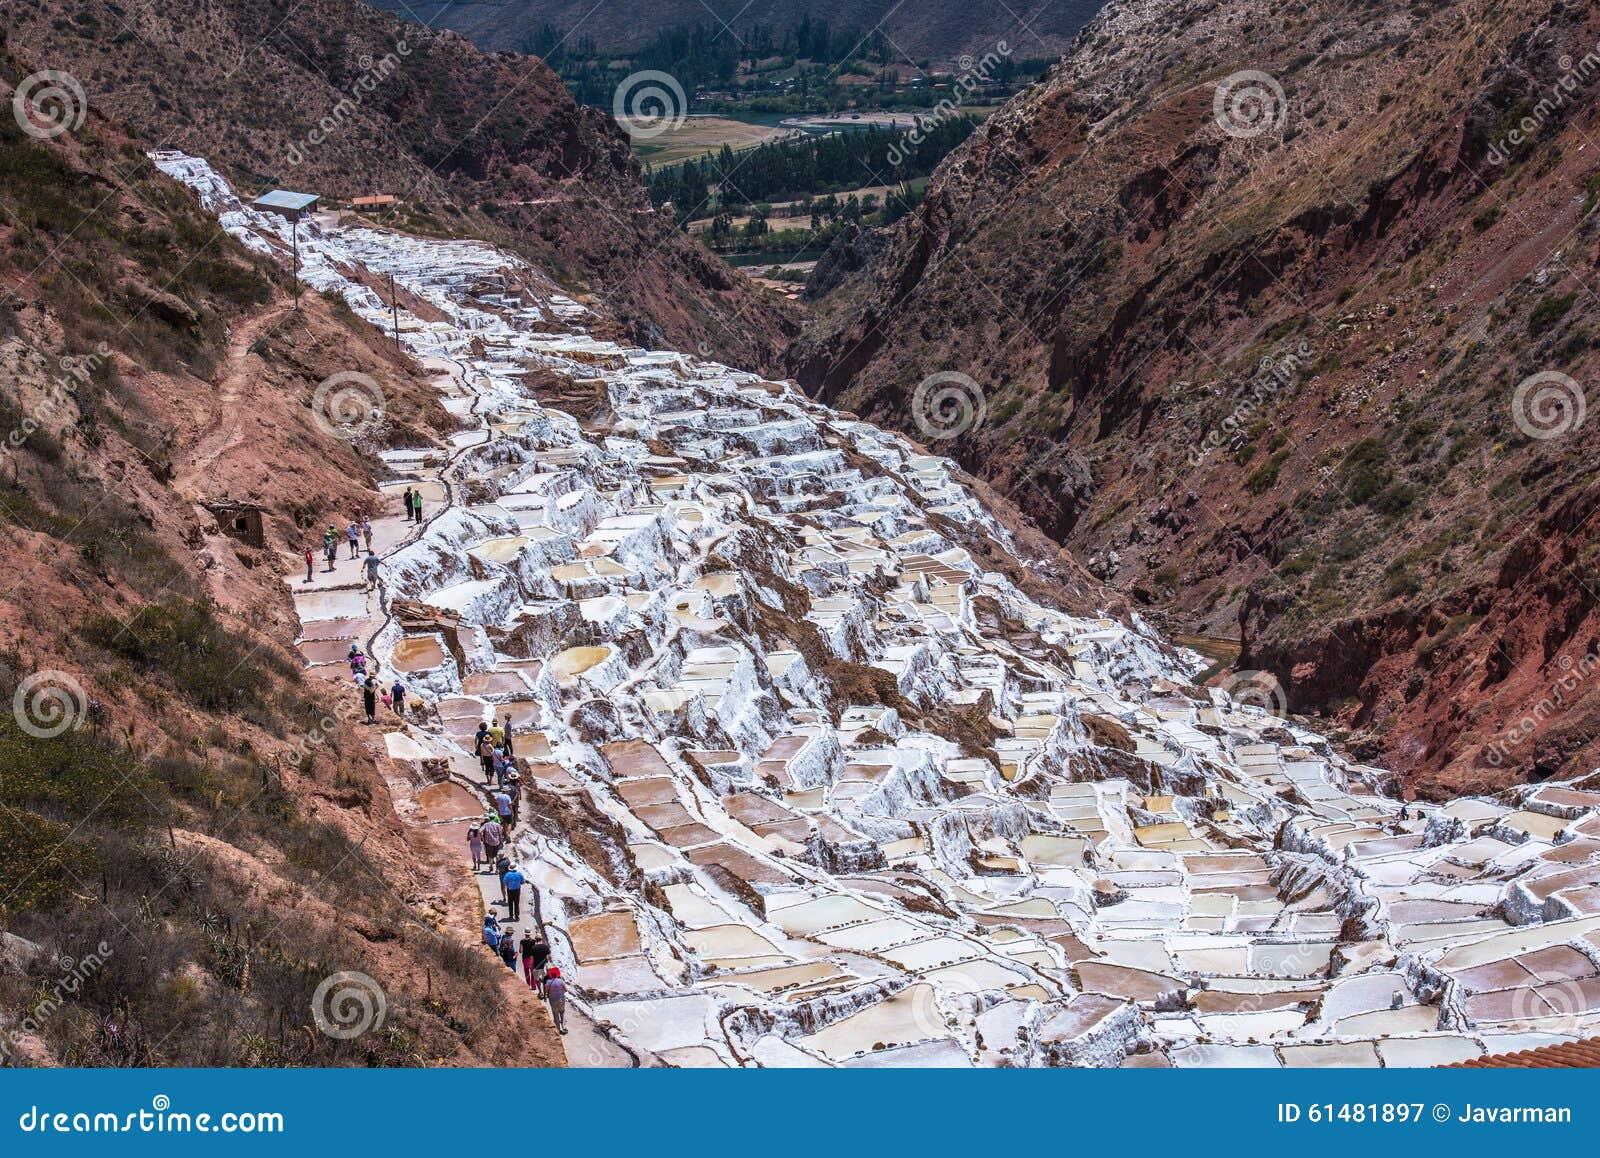 Salinas de Maras, mines de sel synthétiques près de Cusco, Pérou